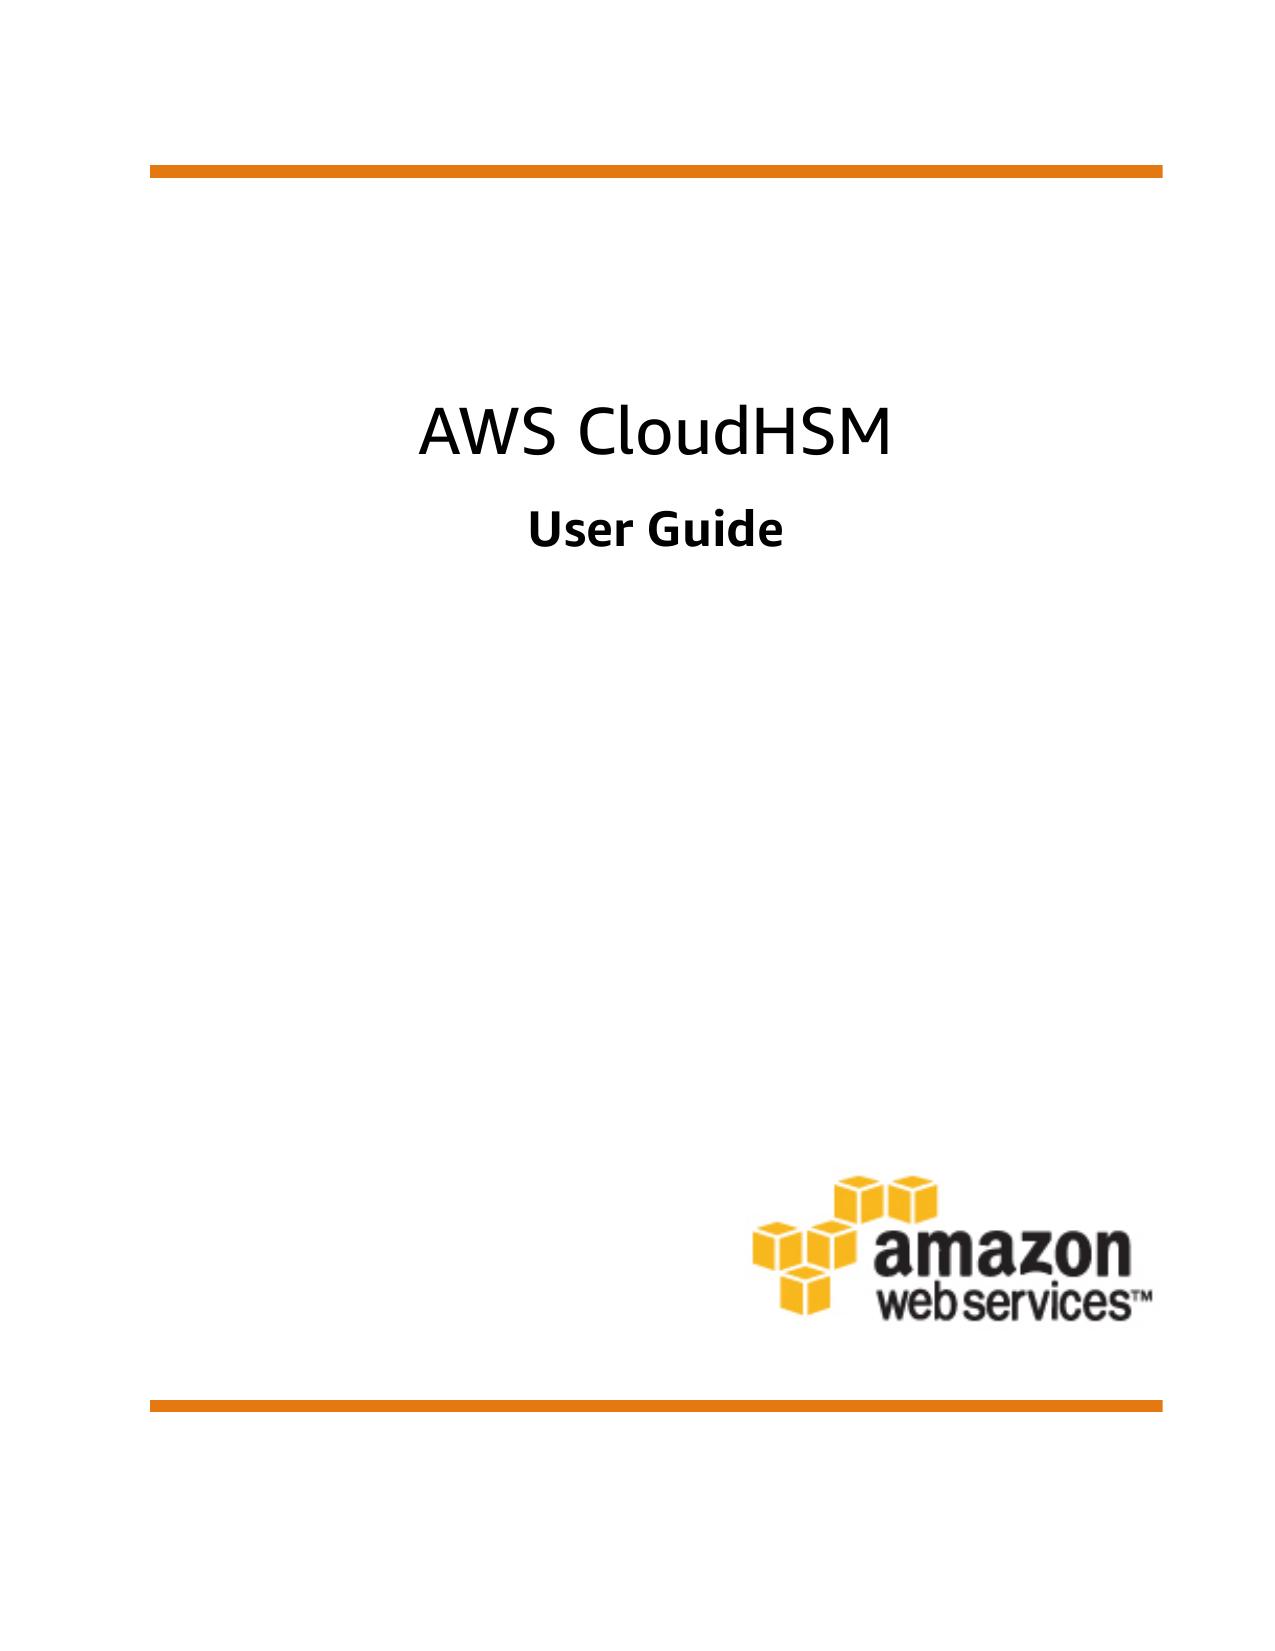 AWS CloudHSM - User Guide - AWS Documentation | manualzz com